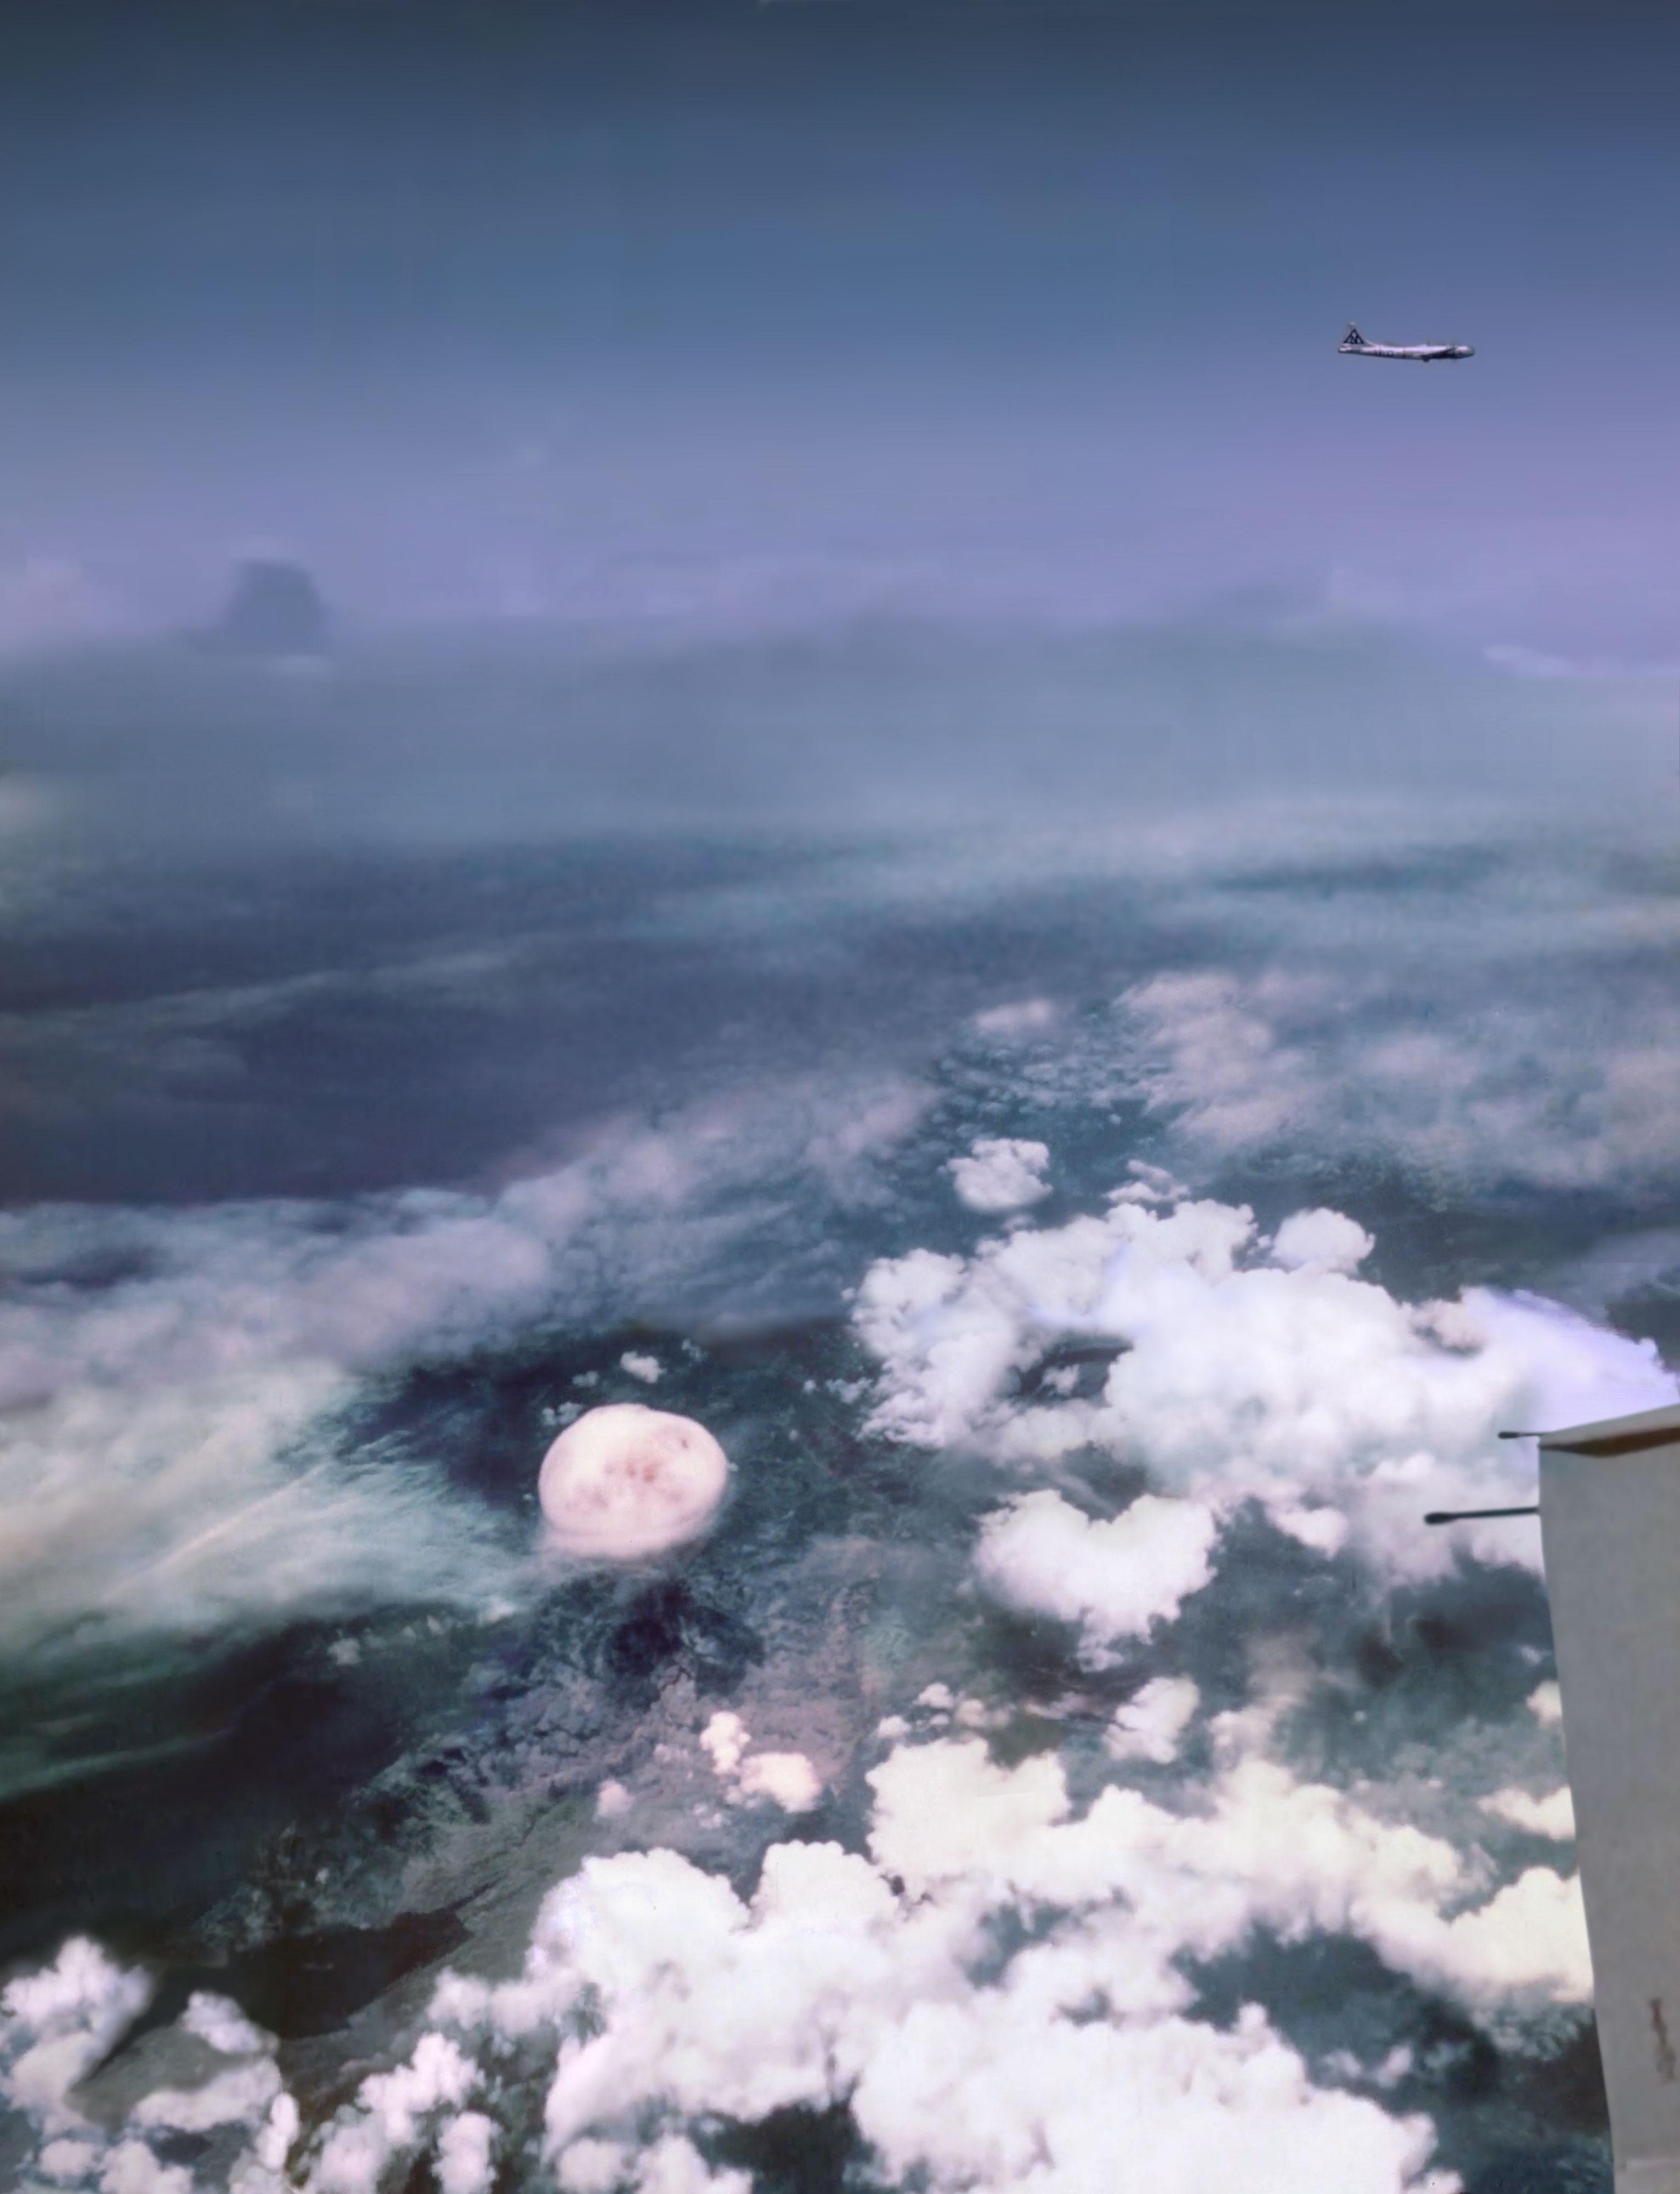 The Atomic Bombing of Nagaski